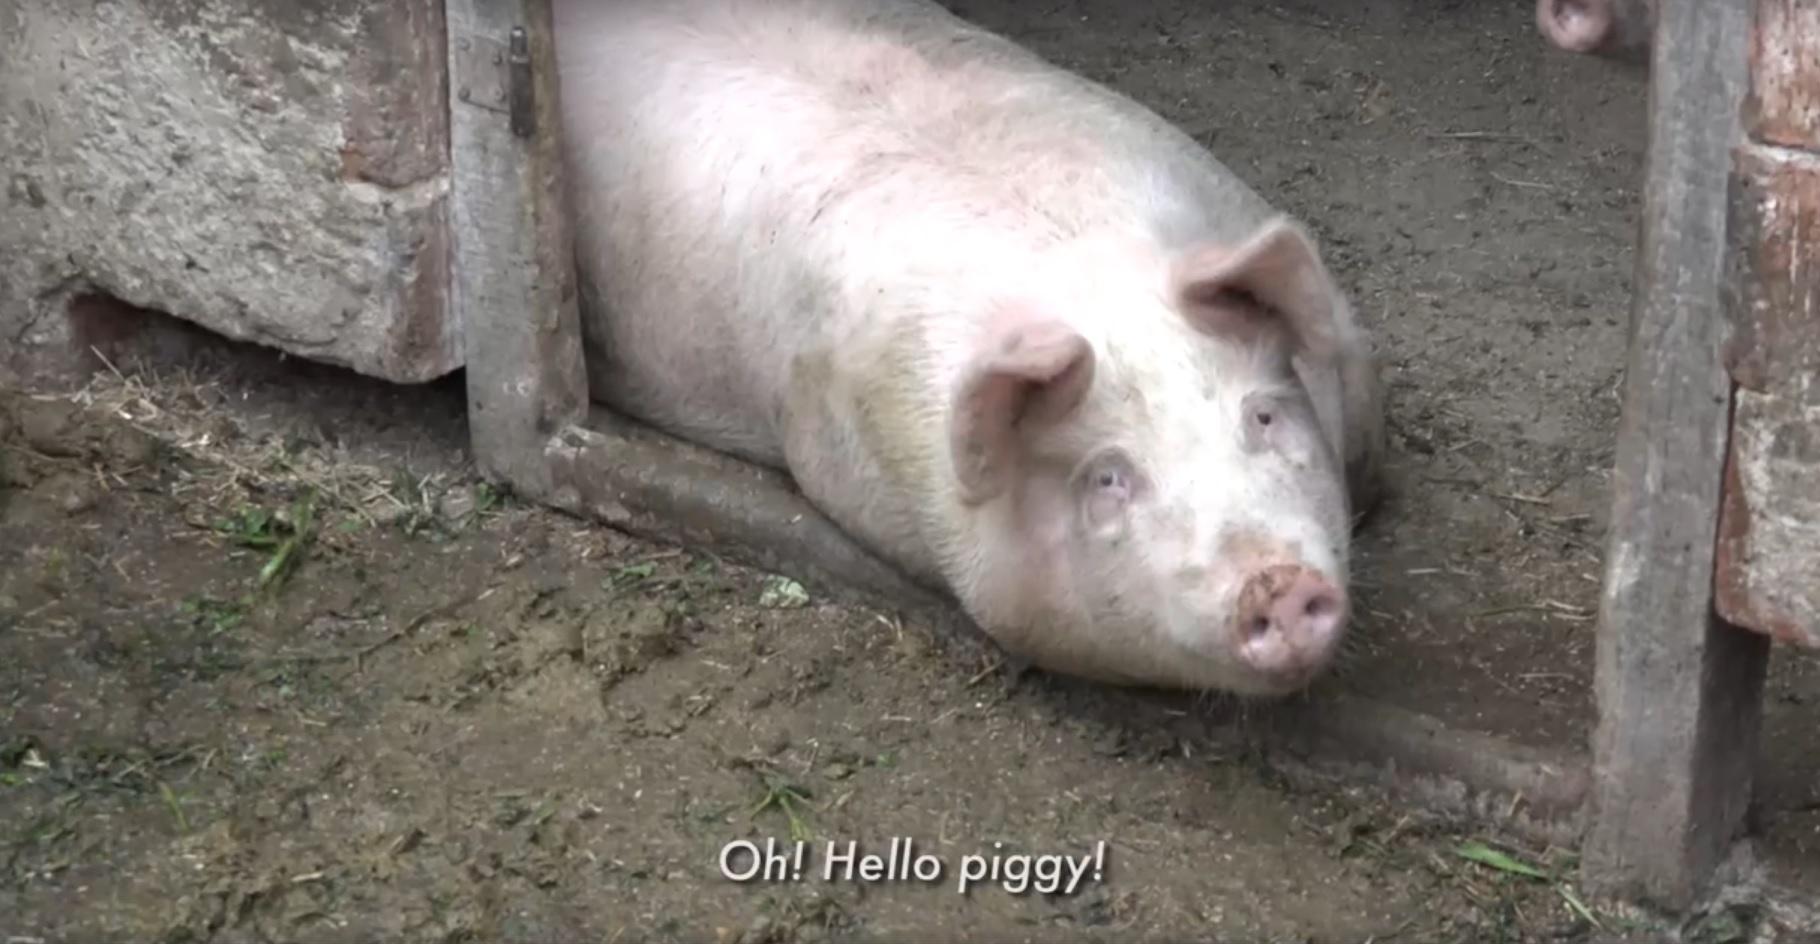 Na, heló, röfik! - Majdnem 250 ezer tonna disznóhúst eszünk évente Magyarországon